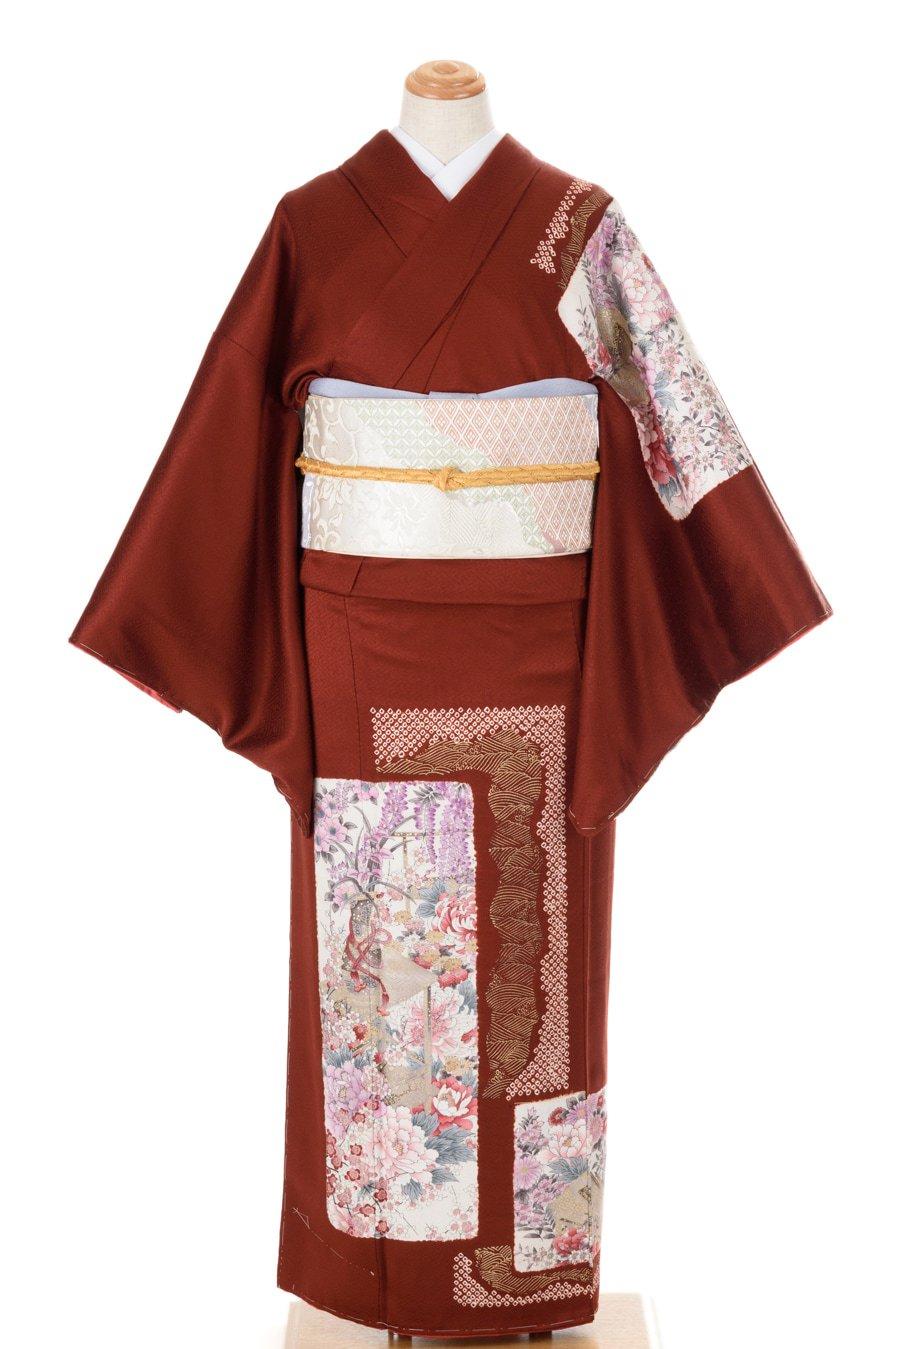 「付け下げ訪問着 牡丹・菊・藤の花など」の商品画像